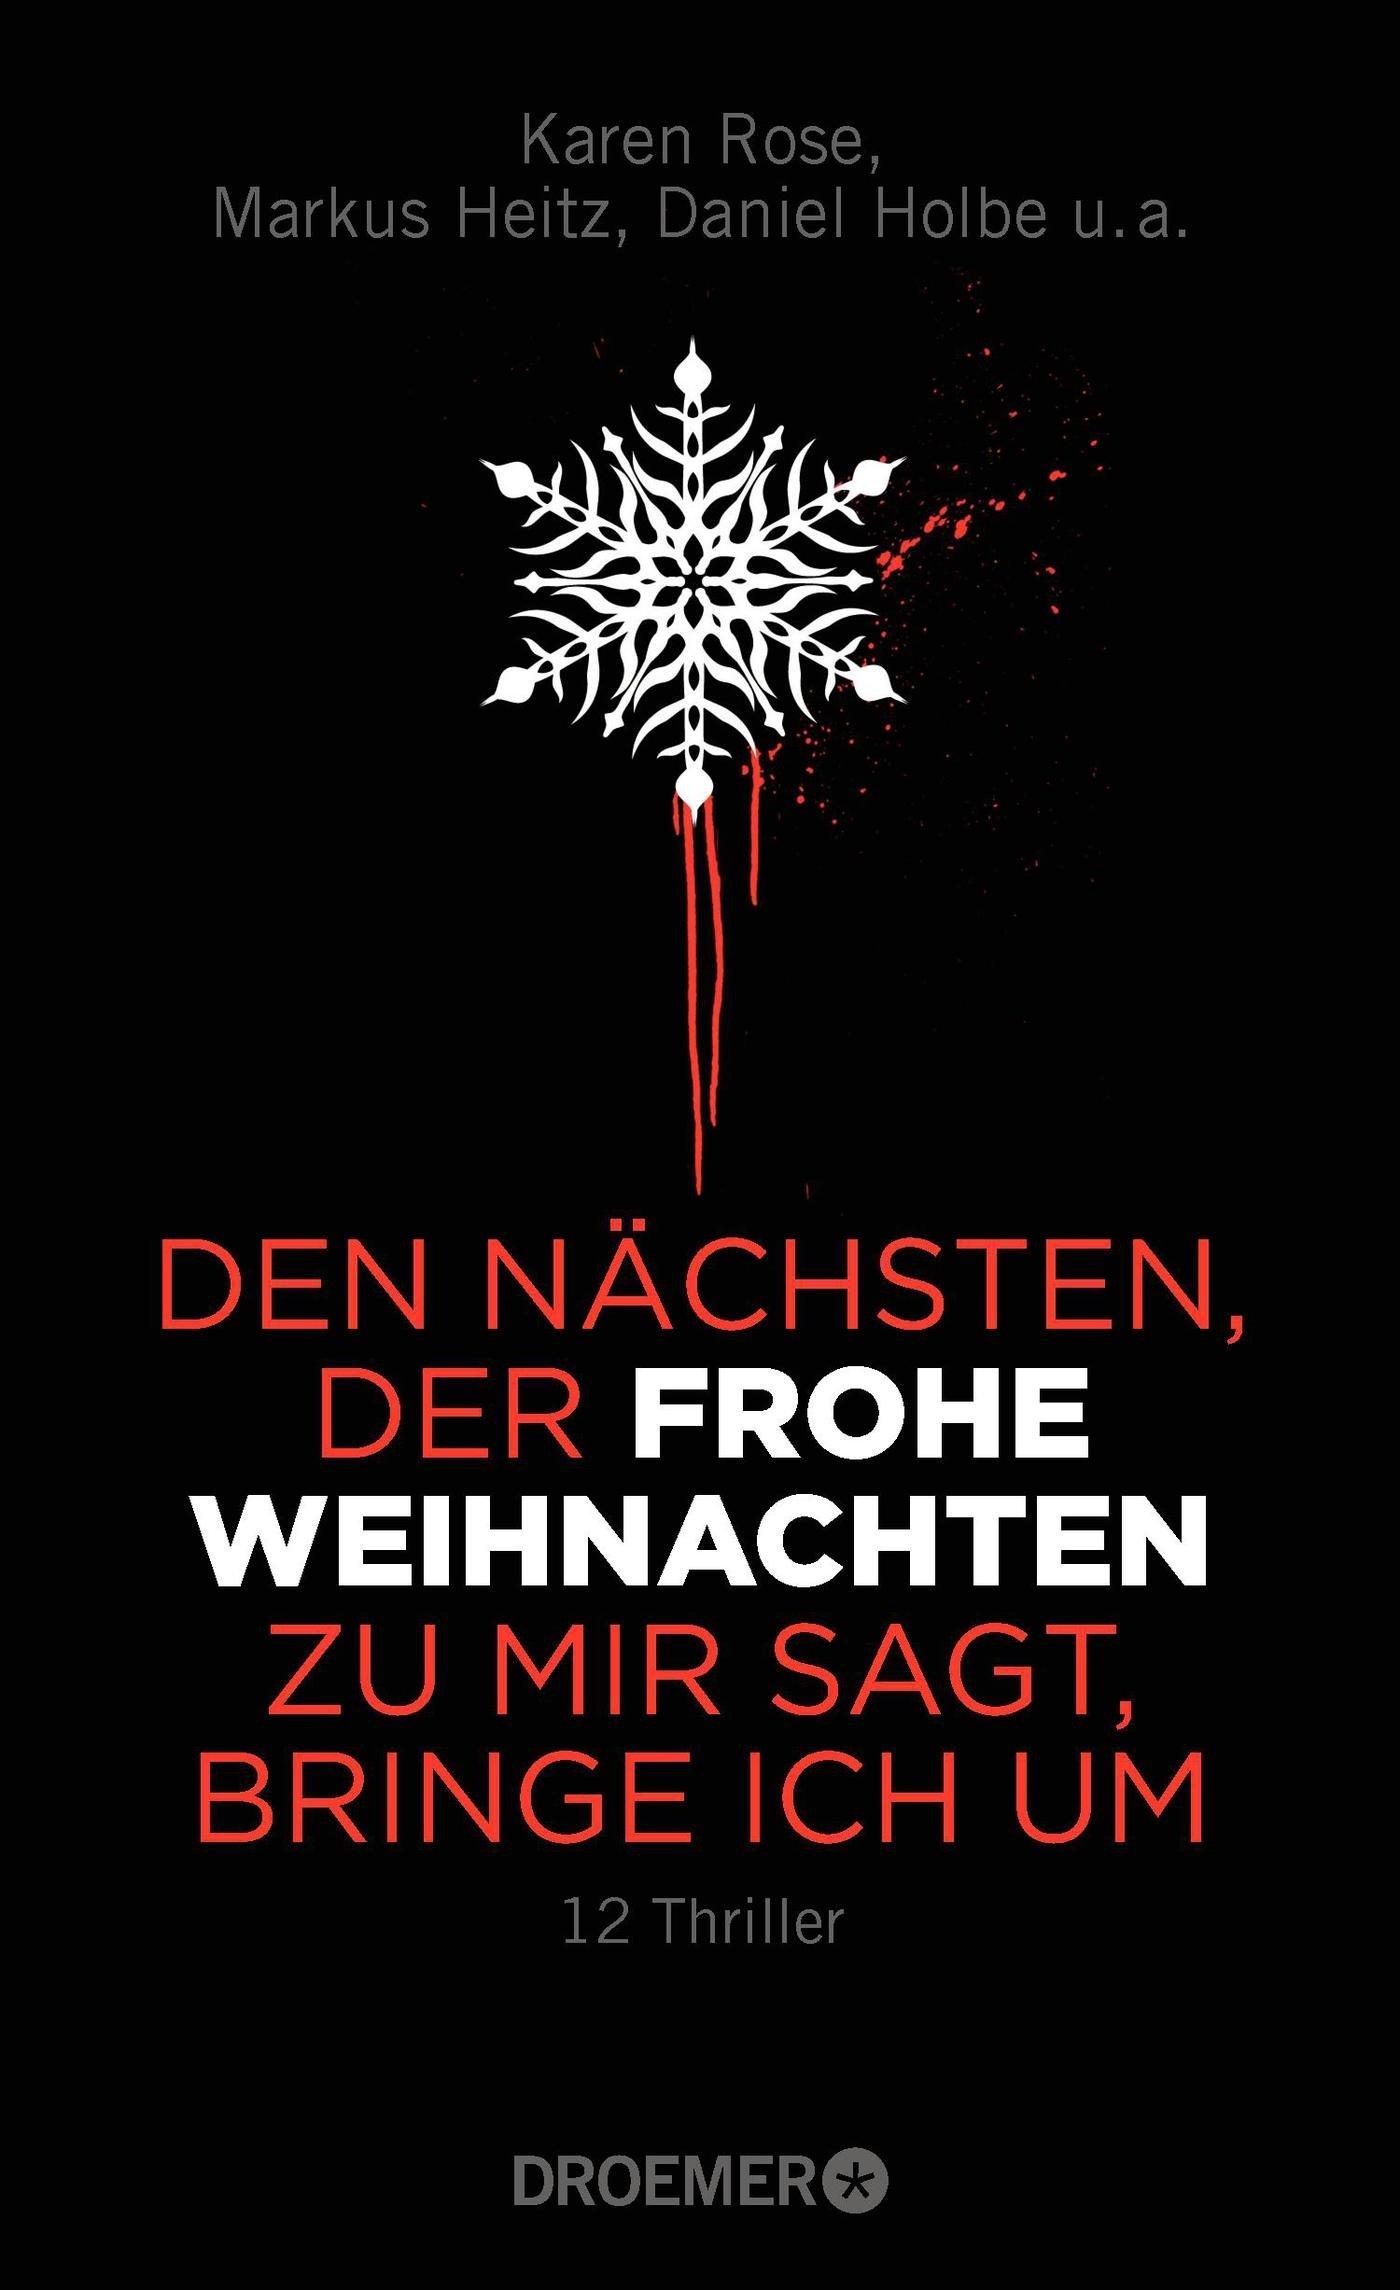 Frohe Weihnachten Wann Wünscht Man.Den Nächsten Der Frohe Weihnachten Zu Mir Sagt Bringe Ich Um 12